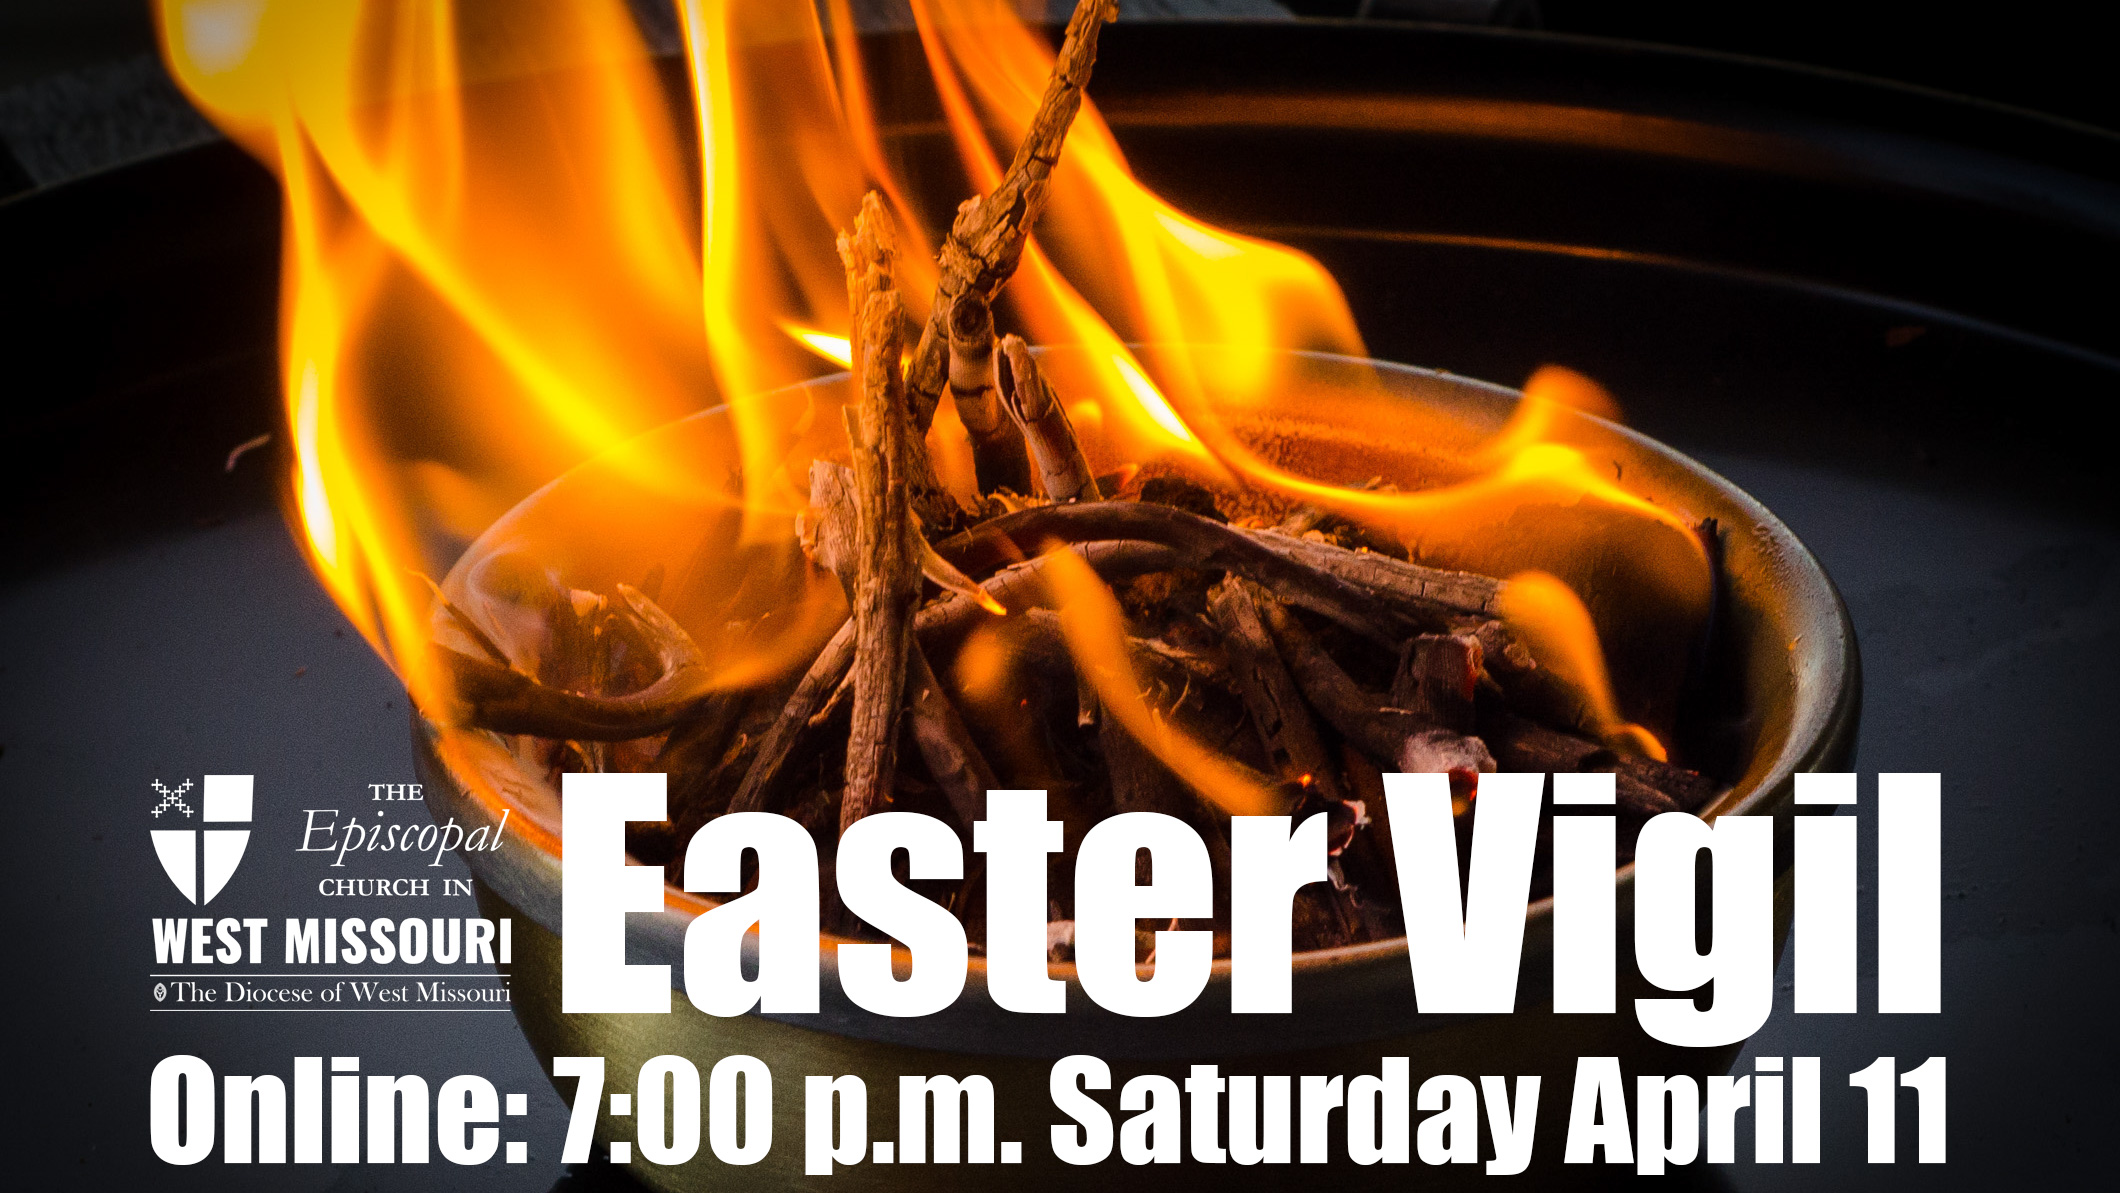 Diocesan Easter Vigil 7:00 p.m. Saturday, April 11